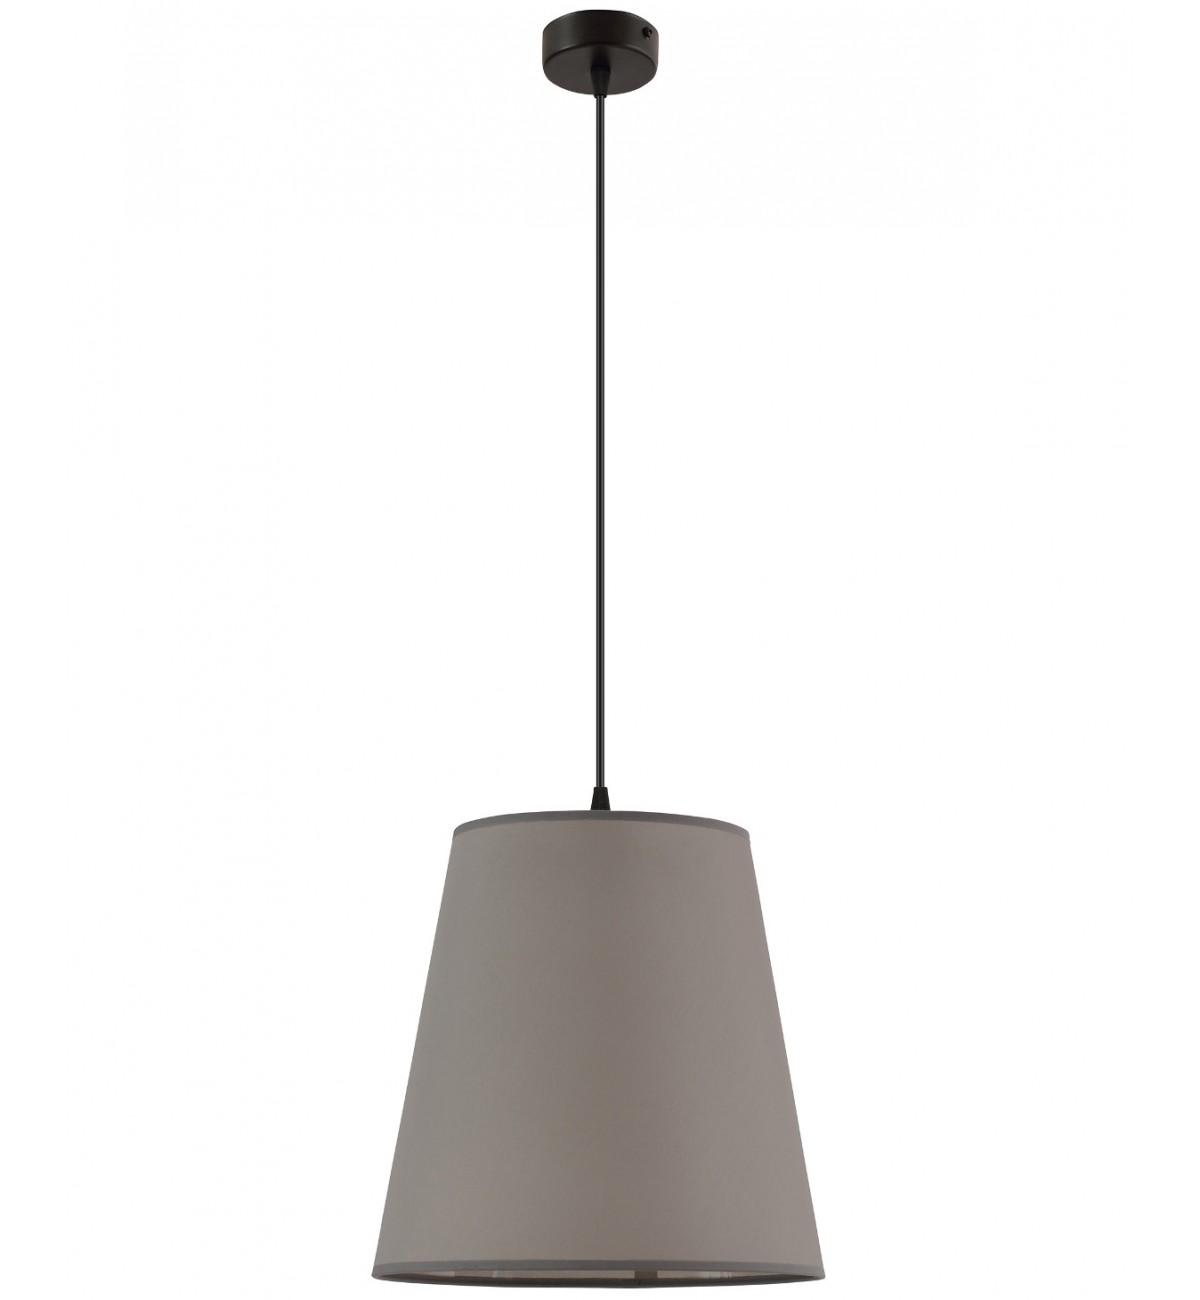 lampa klasyczna z abazurem wiszaca stylowa